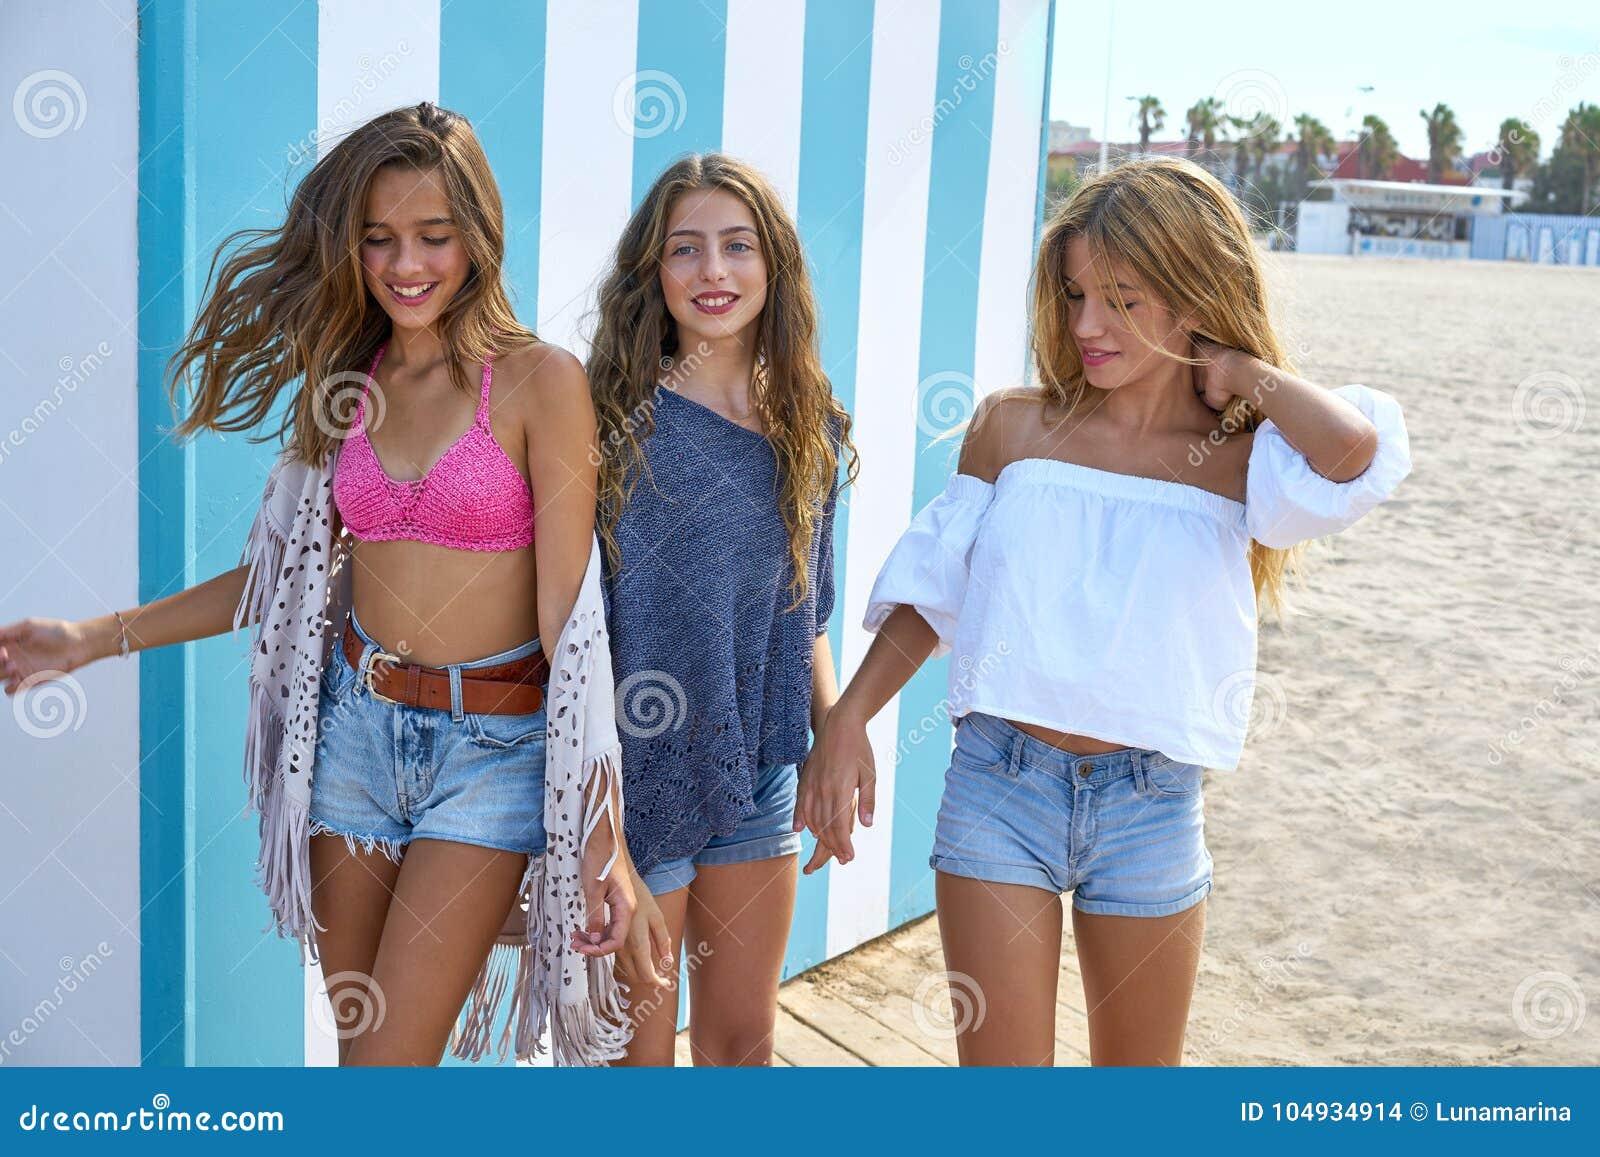 Best real teen girls